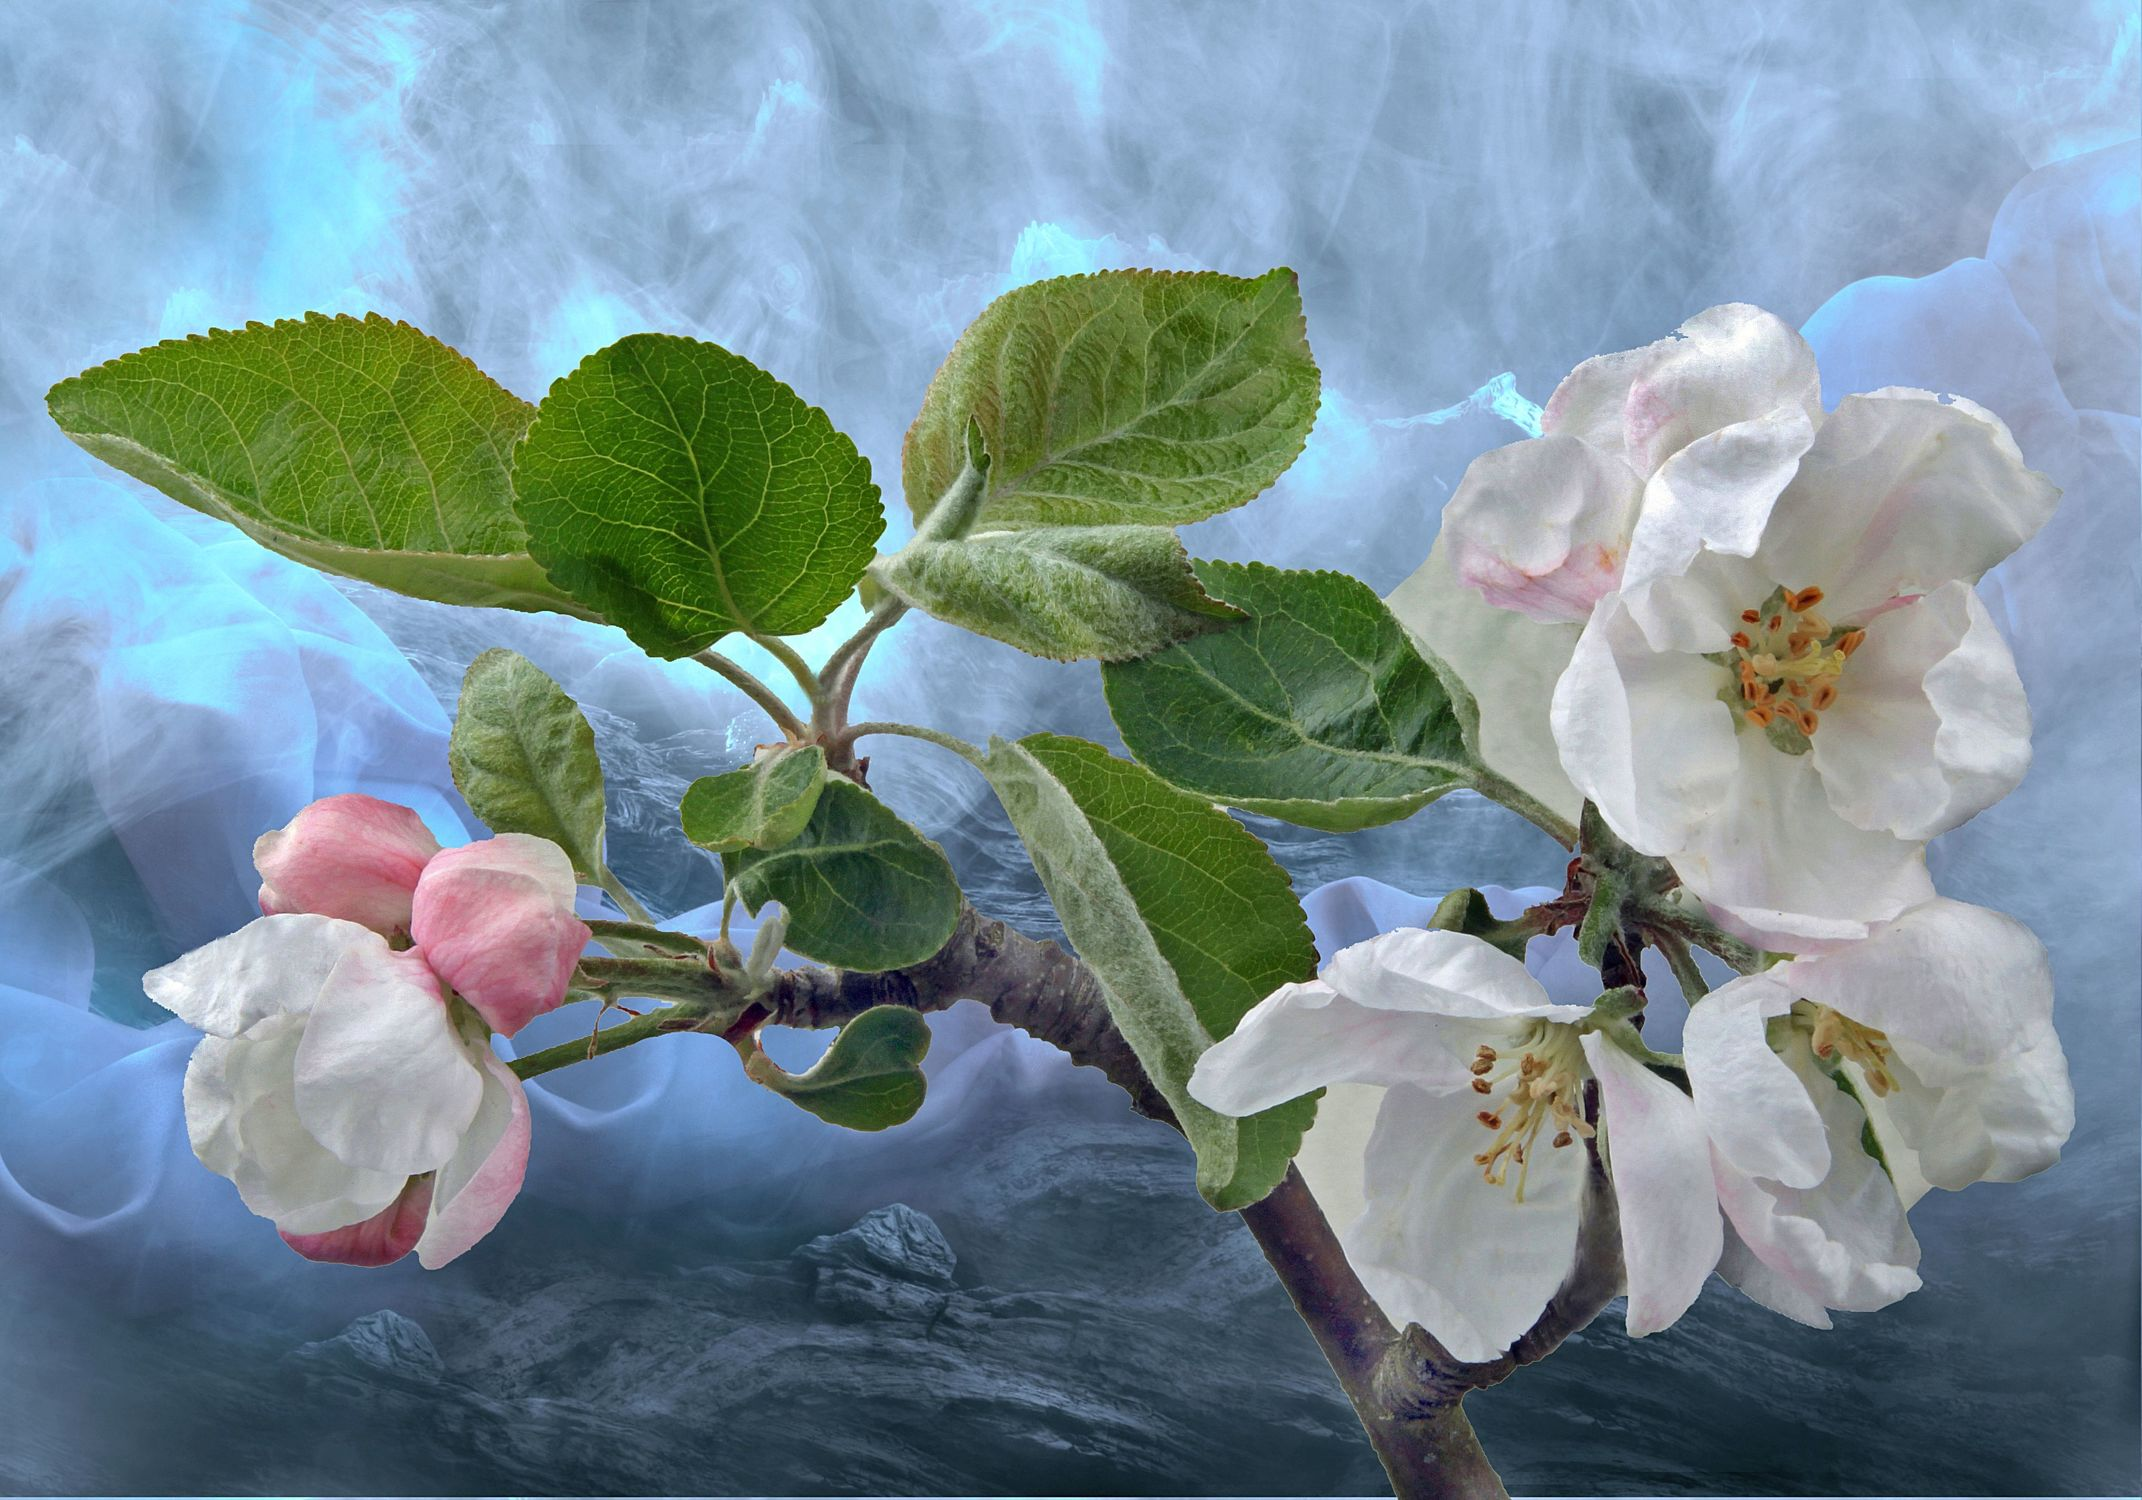 Bild mit Kunst, Pflanzen, Himmel, Wolken, Blumen, Blumen, Pflanze, Stilleben, Apfelblüte, Zweig, apfelblüten, blütenblüten